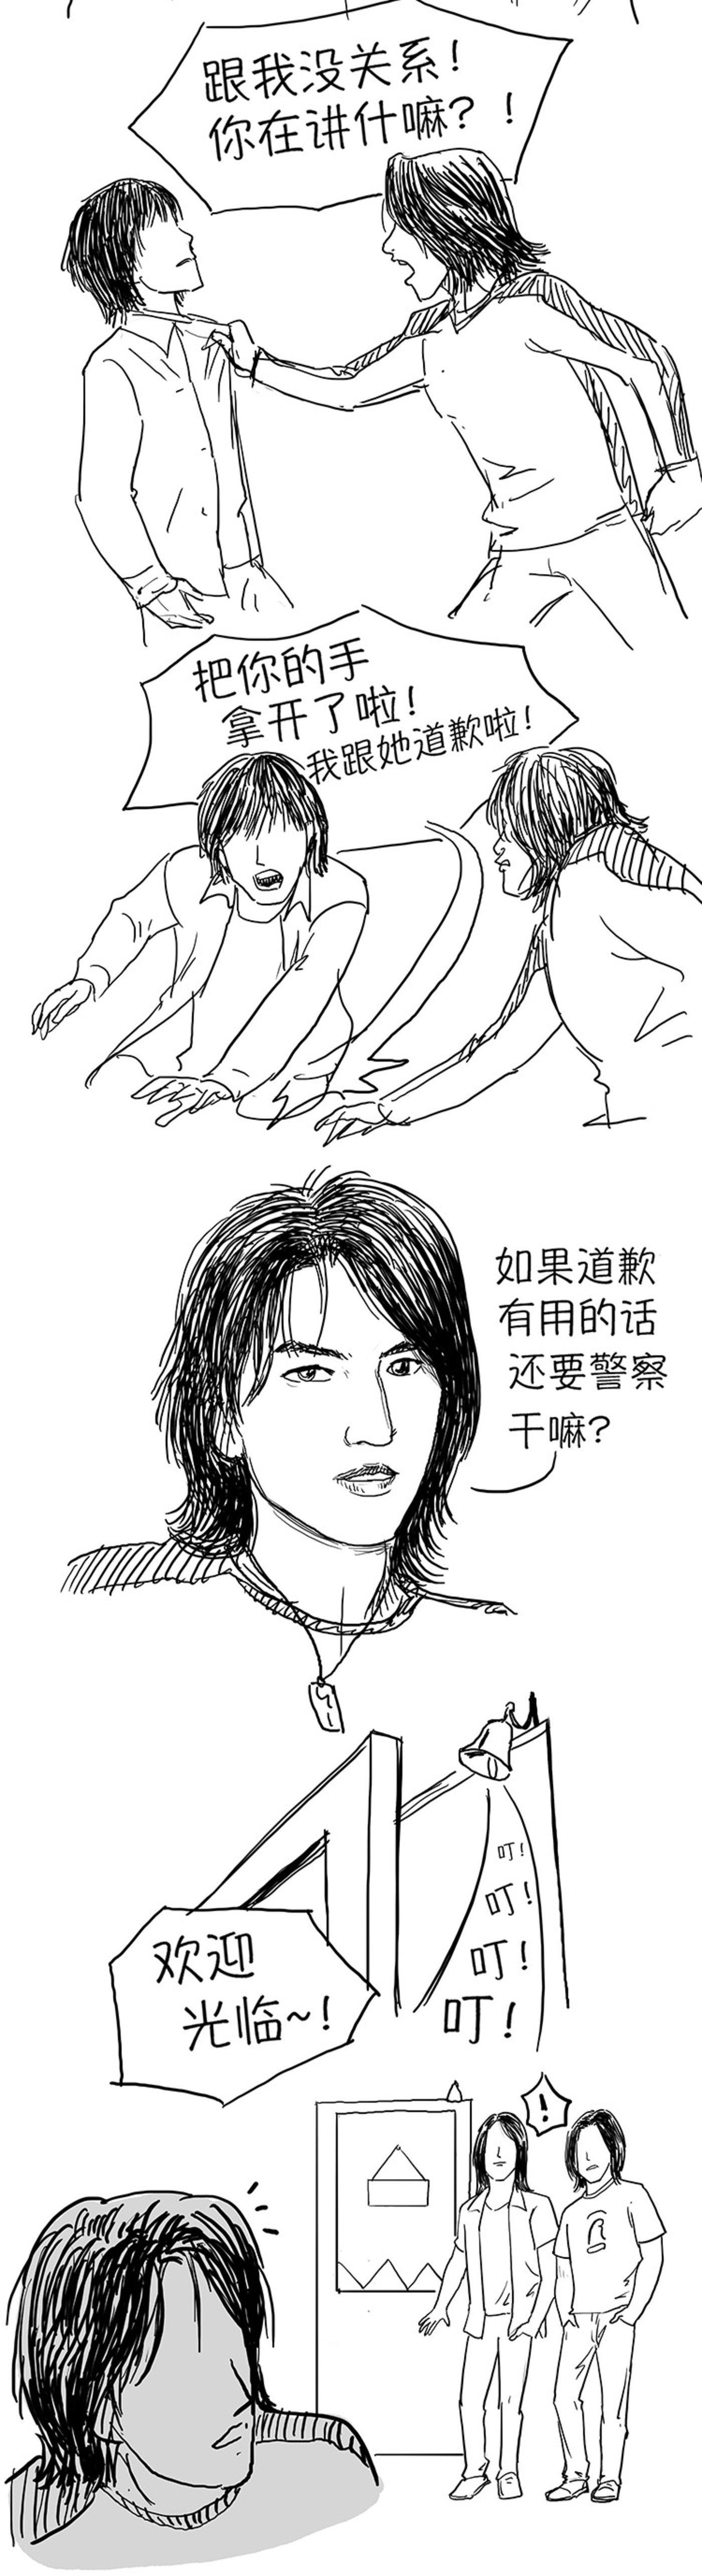 武汉封城的49-54天~|《非常日记》漫画大放送